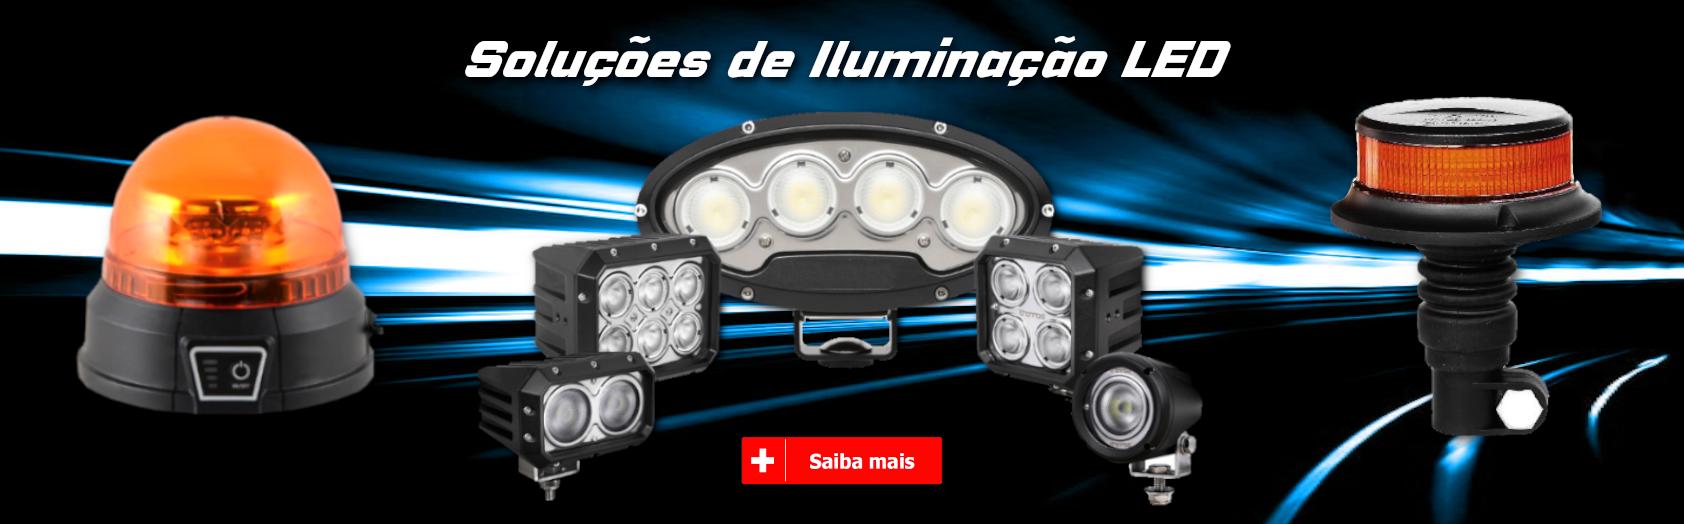 Soluções Iluminação LED